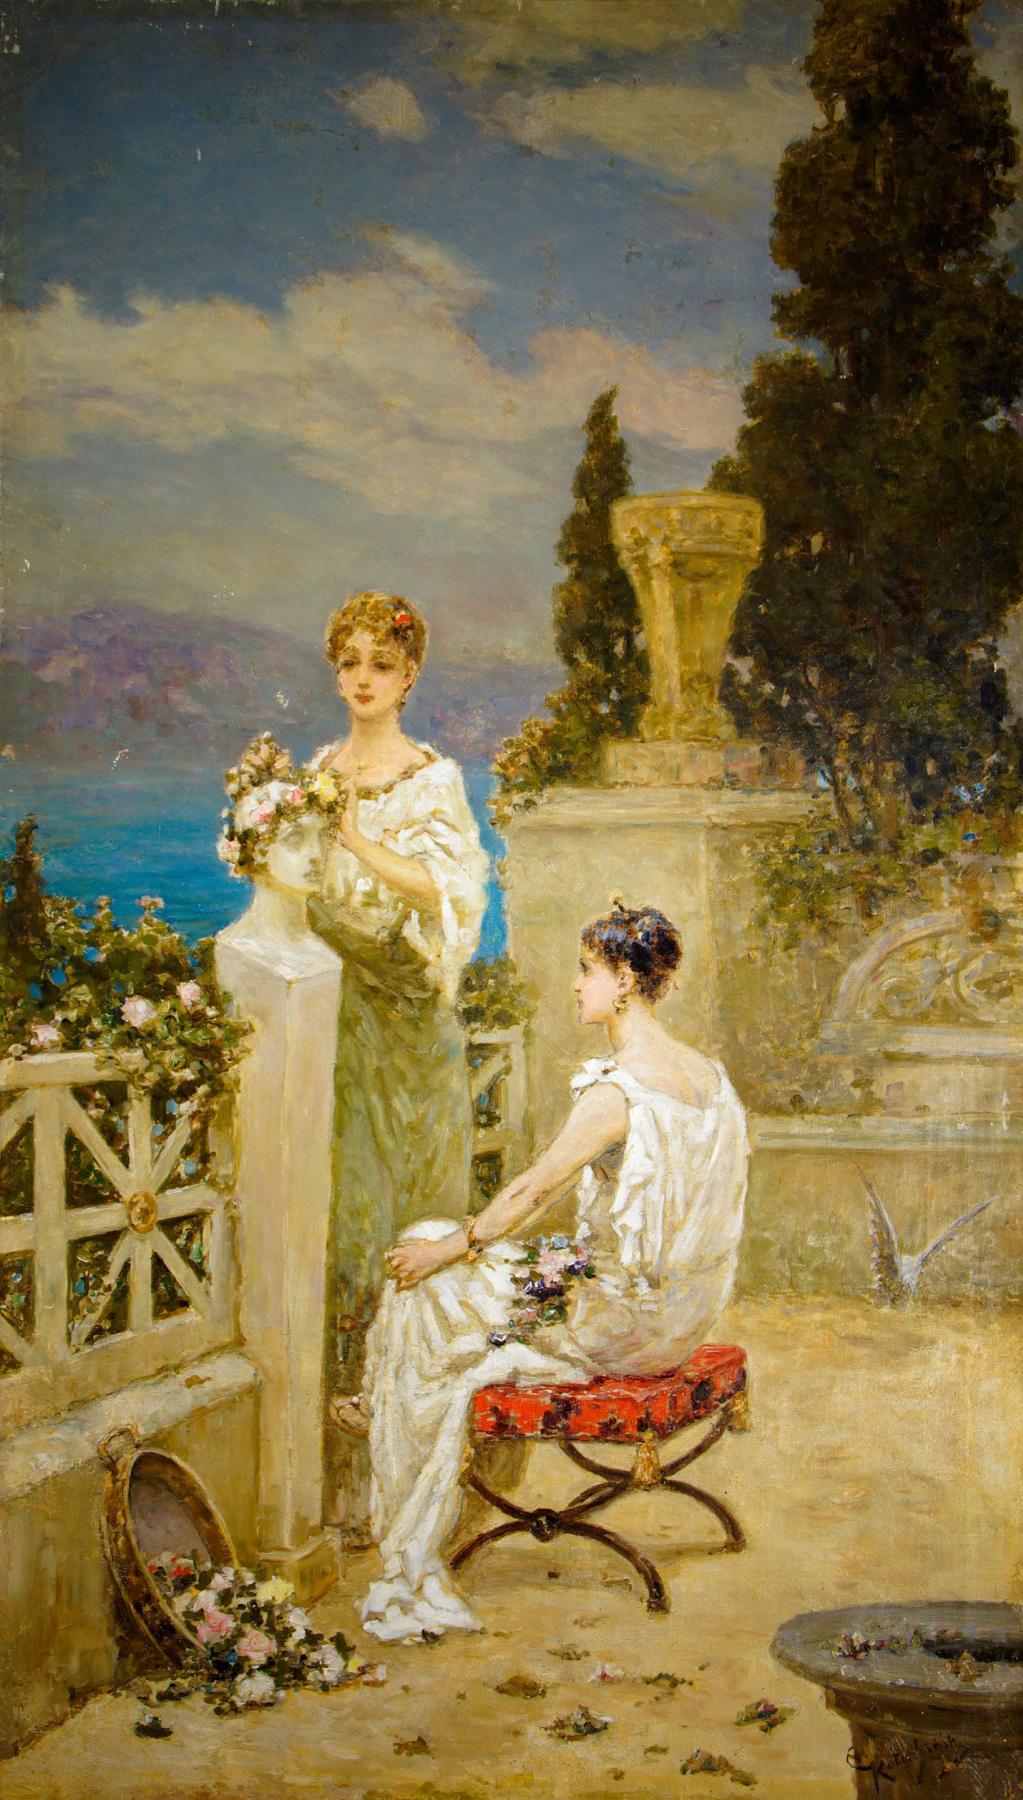 Wilhelm Kotarbinsky. Girls on the terrace